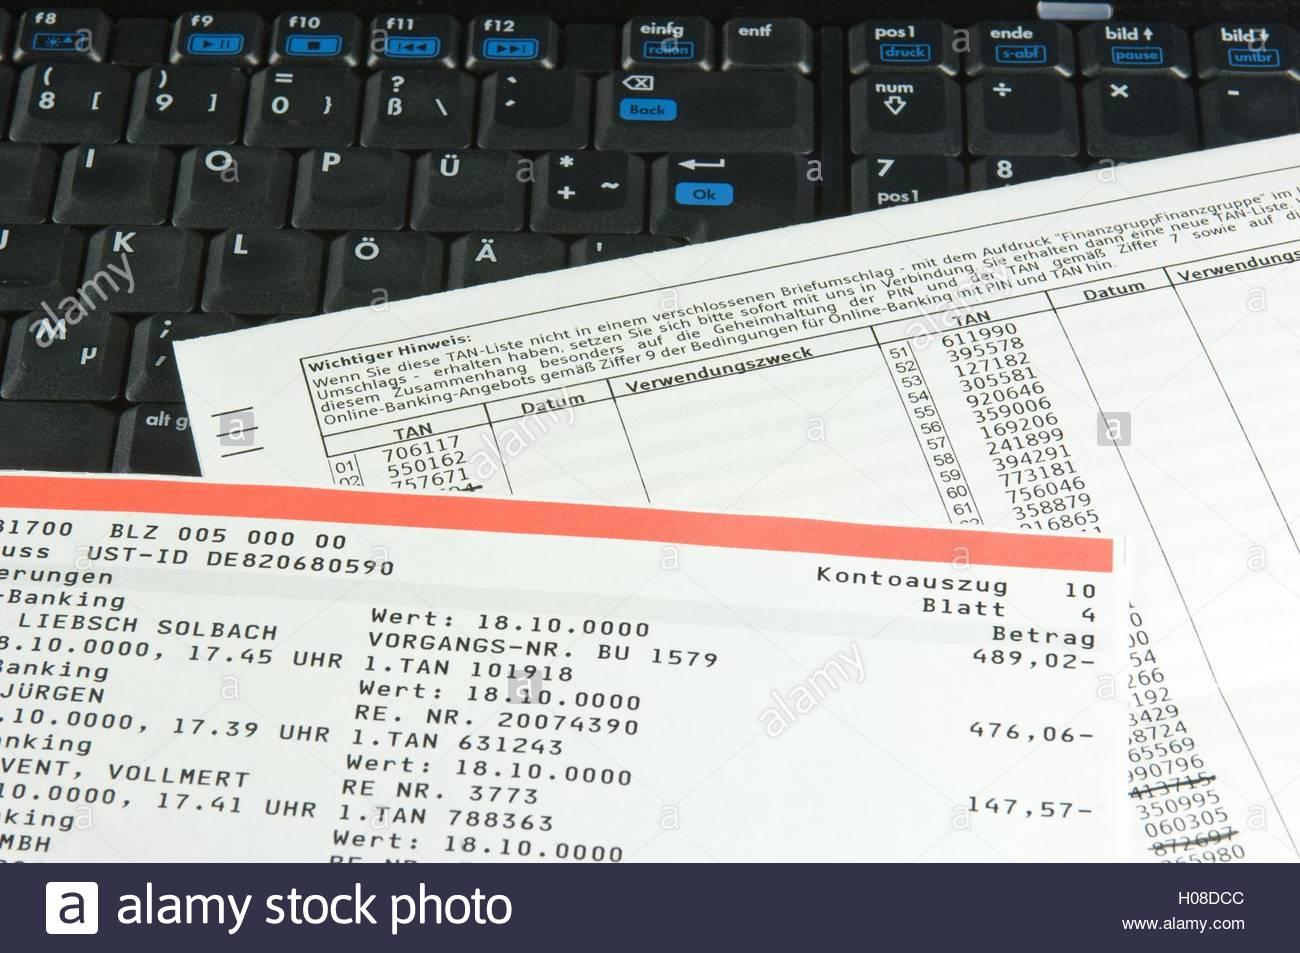 BLWX050340 [ (c) blickwinkel/McPHOTOx/Harld Richter Tel. +49 (0)2302-2793220, E-mail: info@blickwinkel.de, Internet: - Stock Image